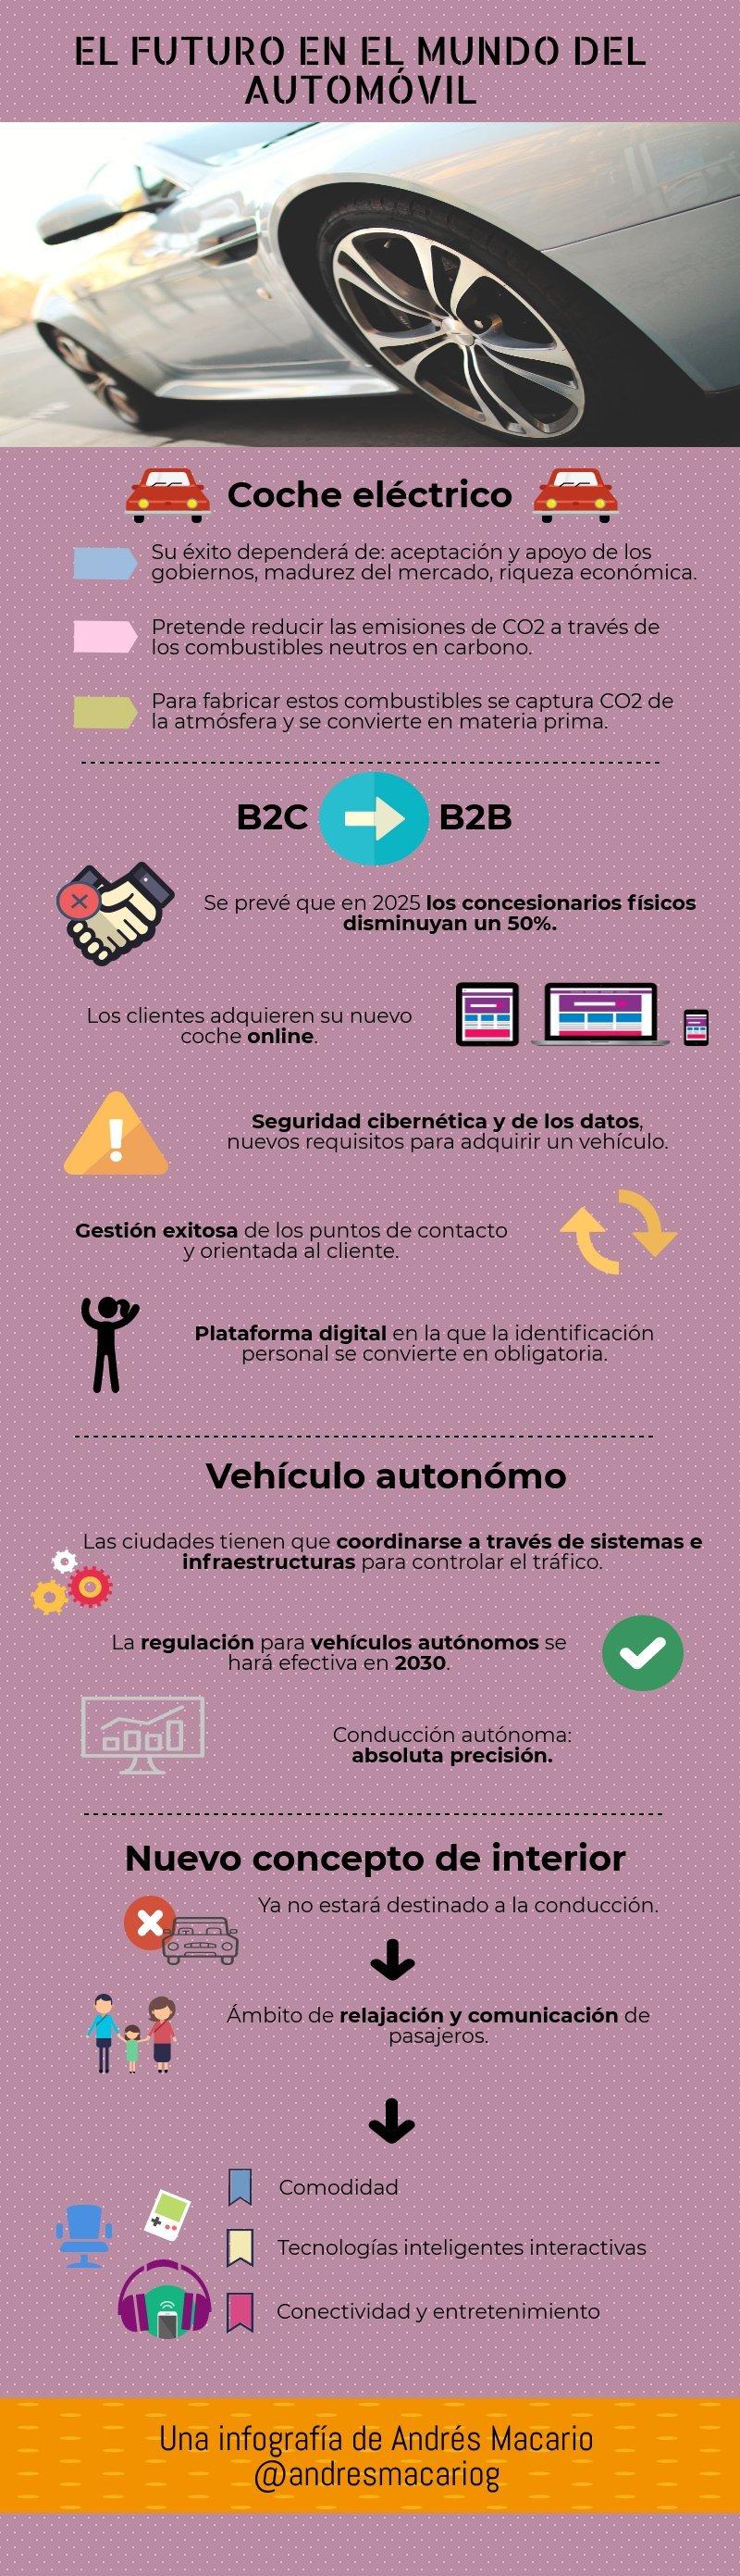 El futuro del automóvil - infografía Andrés Macario